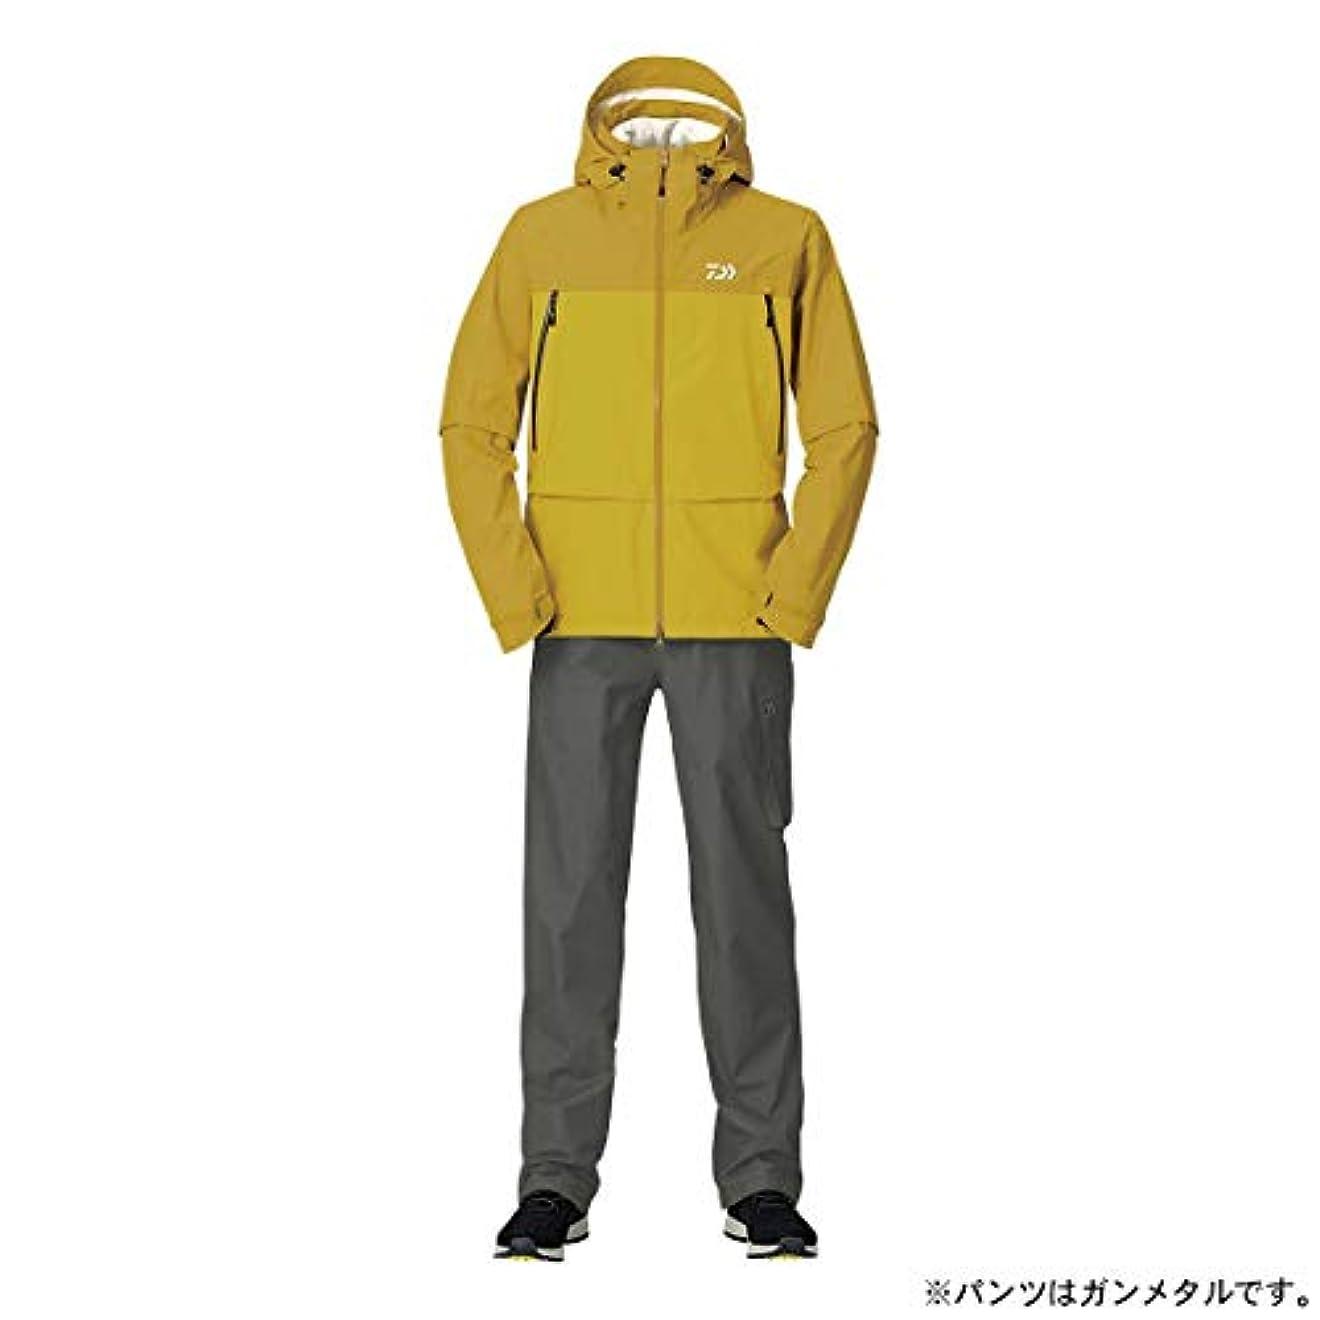 対称服を洗う子孫ダイワ(DAIWA) レインマックス デタッチャブルレインスーツ DR-30009 マスタード M